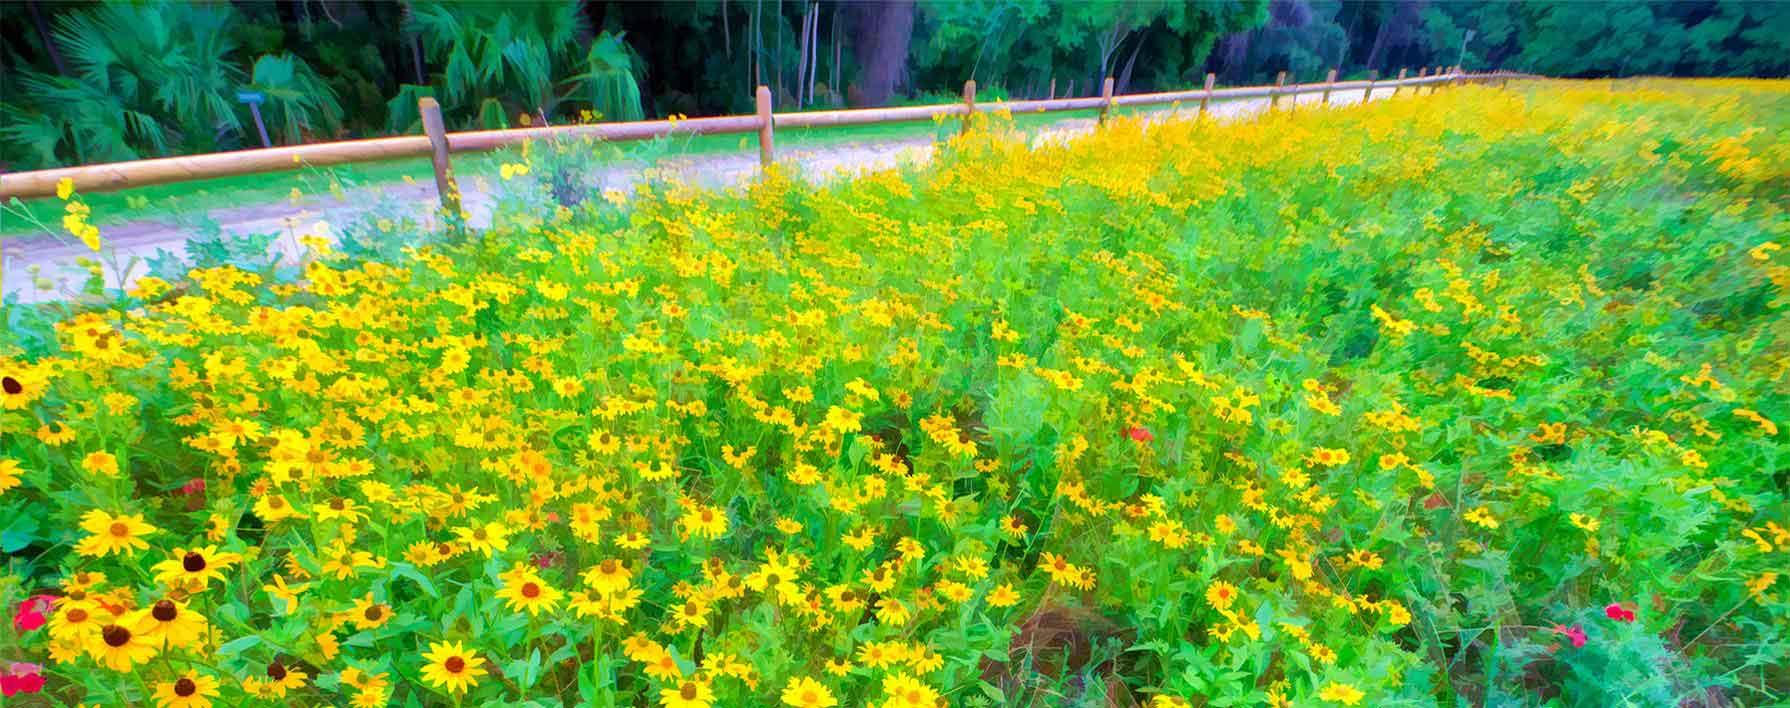 field-flowers-revised2